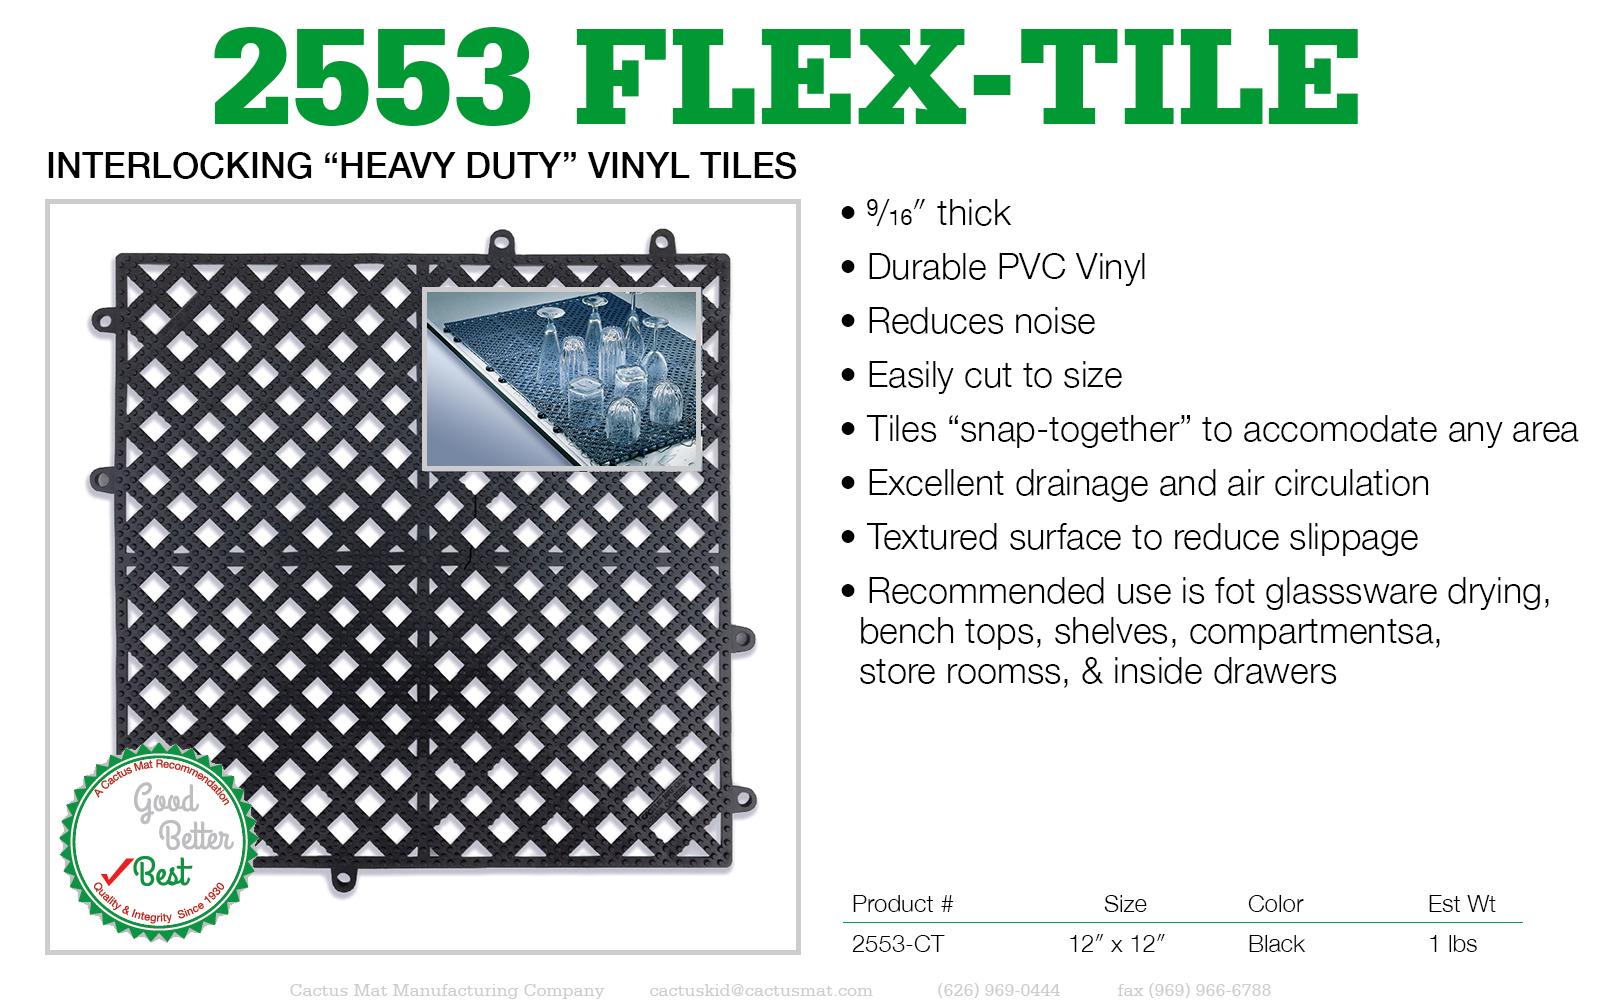 2553_FlexTile_1600x1000.jpg